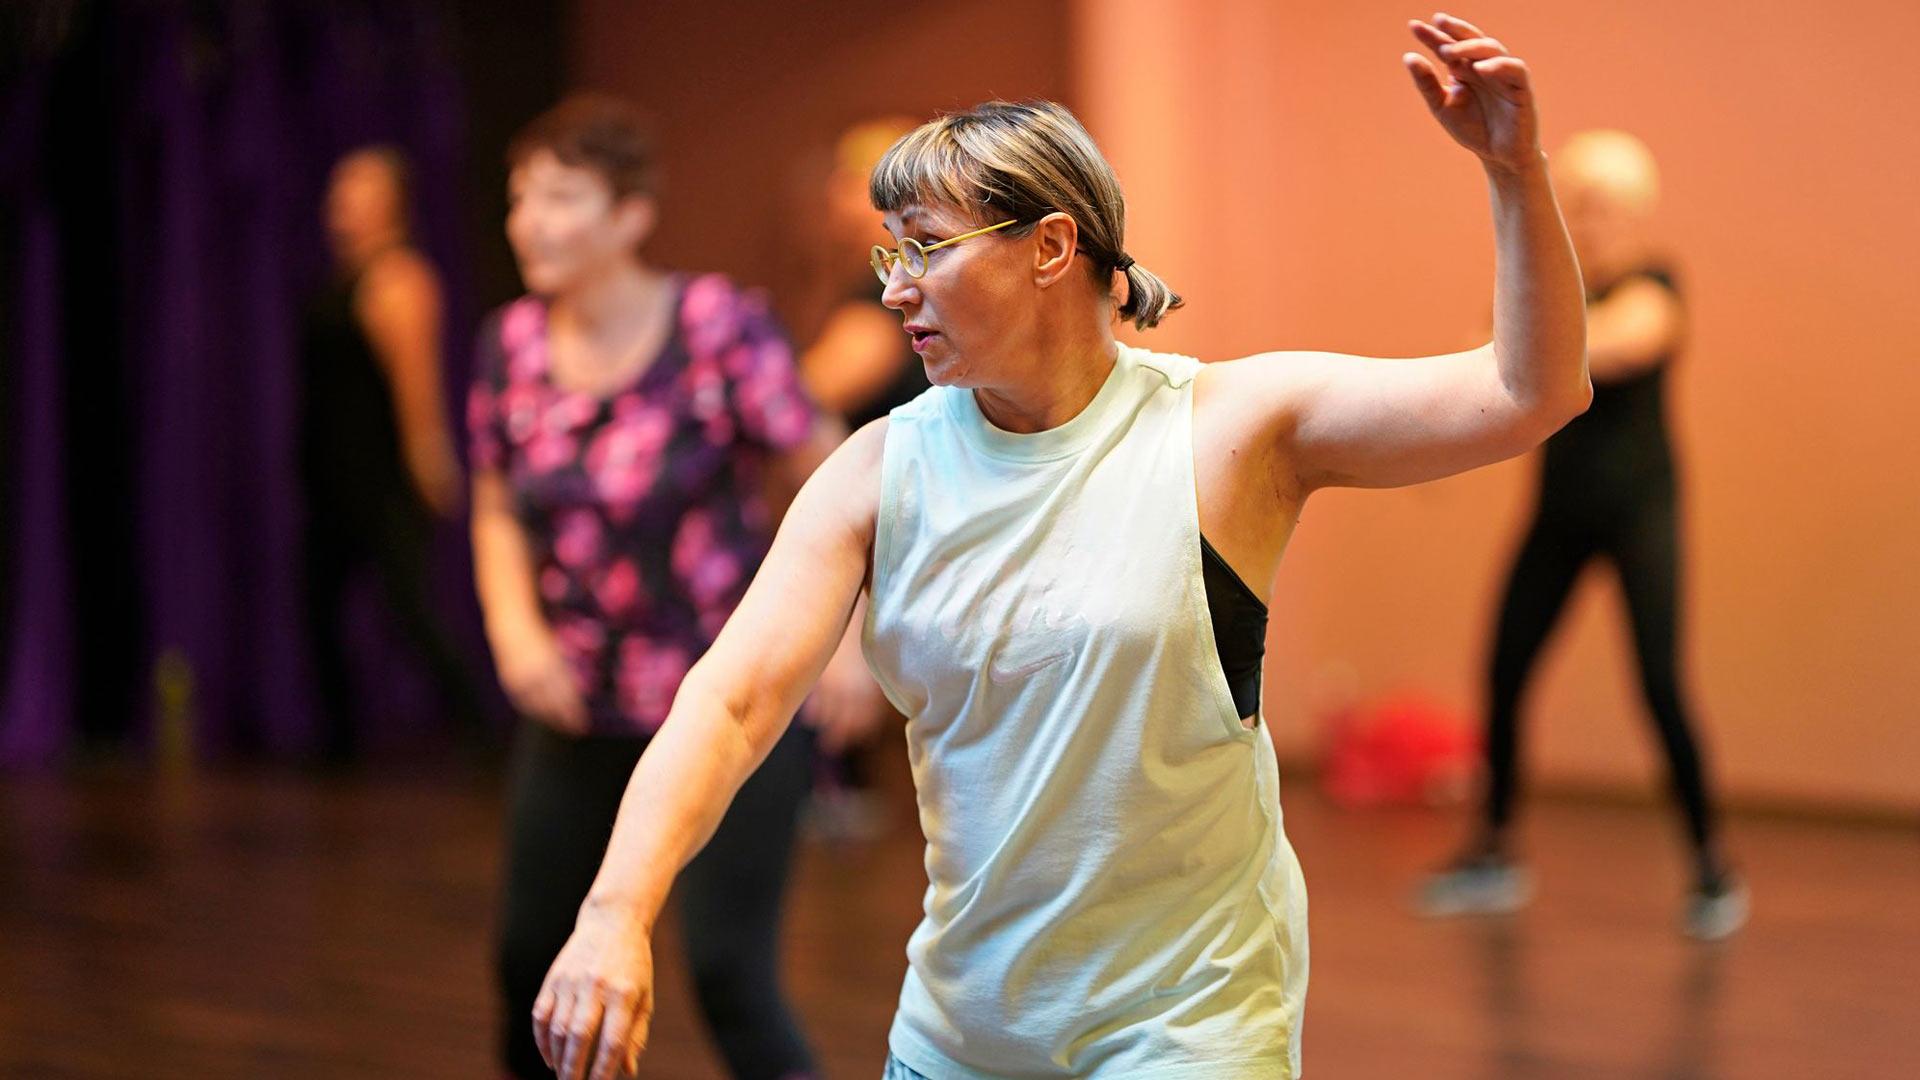 Tällä tanssitunnilla kannattaisi käydä useamman kerran, sillä kun kuviot saa haltuun, liikkeitä voi syventää.